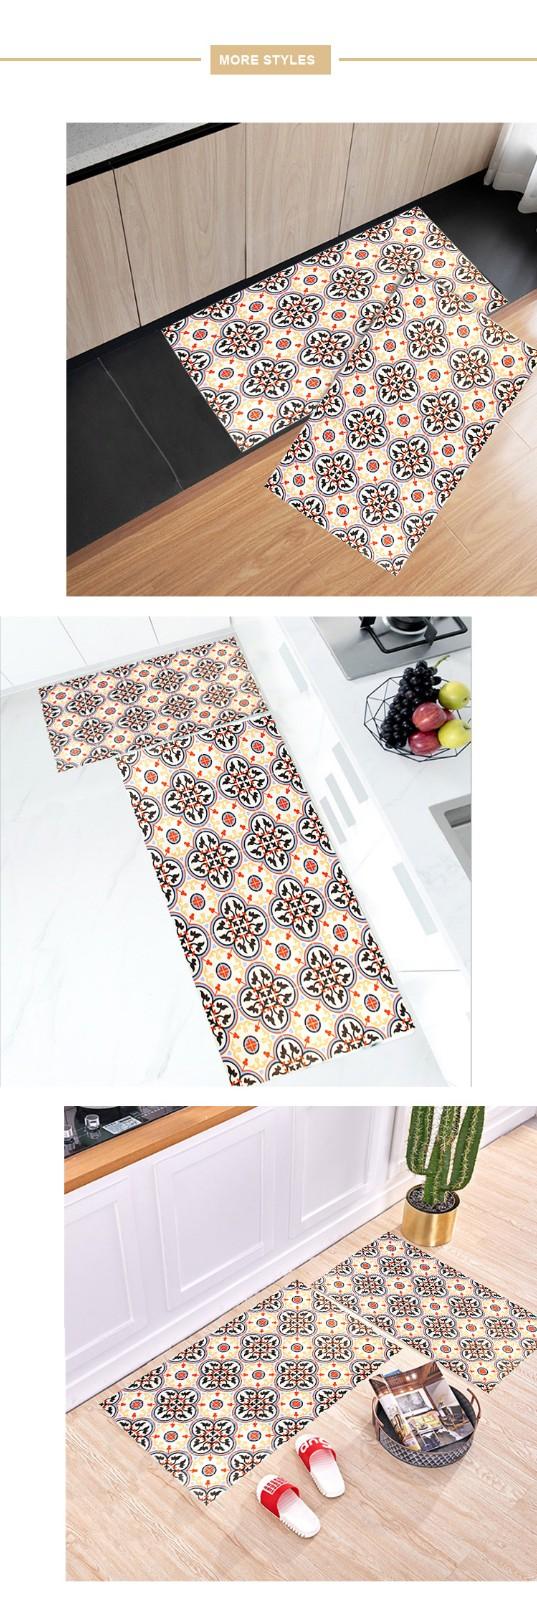 厨房地垫-2_03.jpg